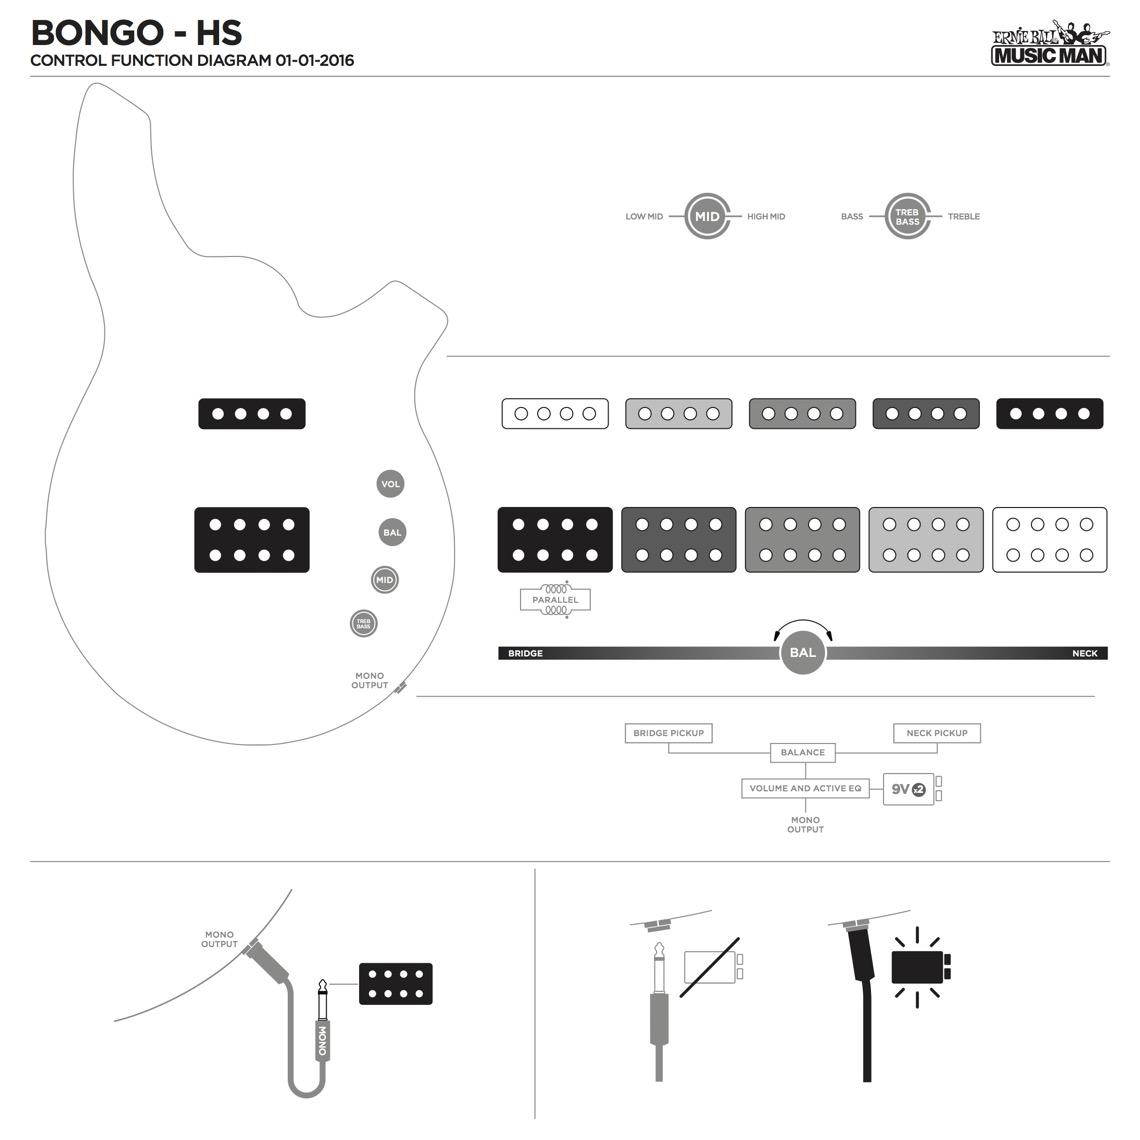 WRG-0704] Ed Van Halen Wiring Diagram on